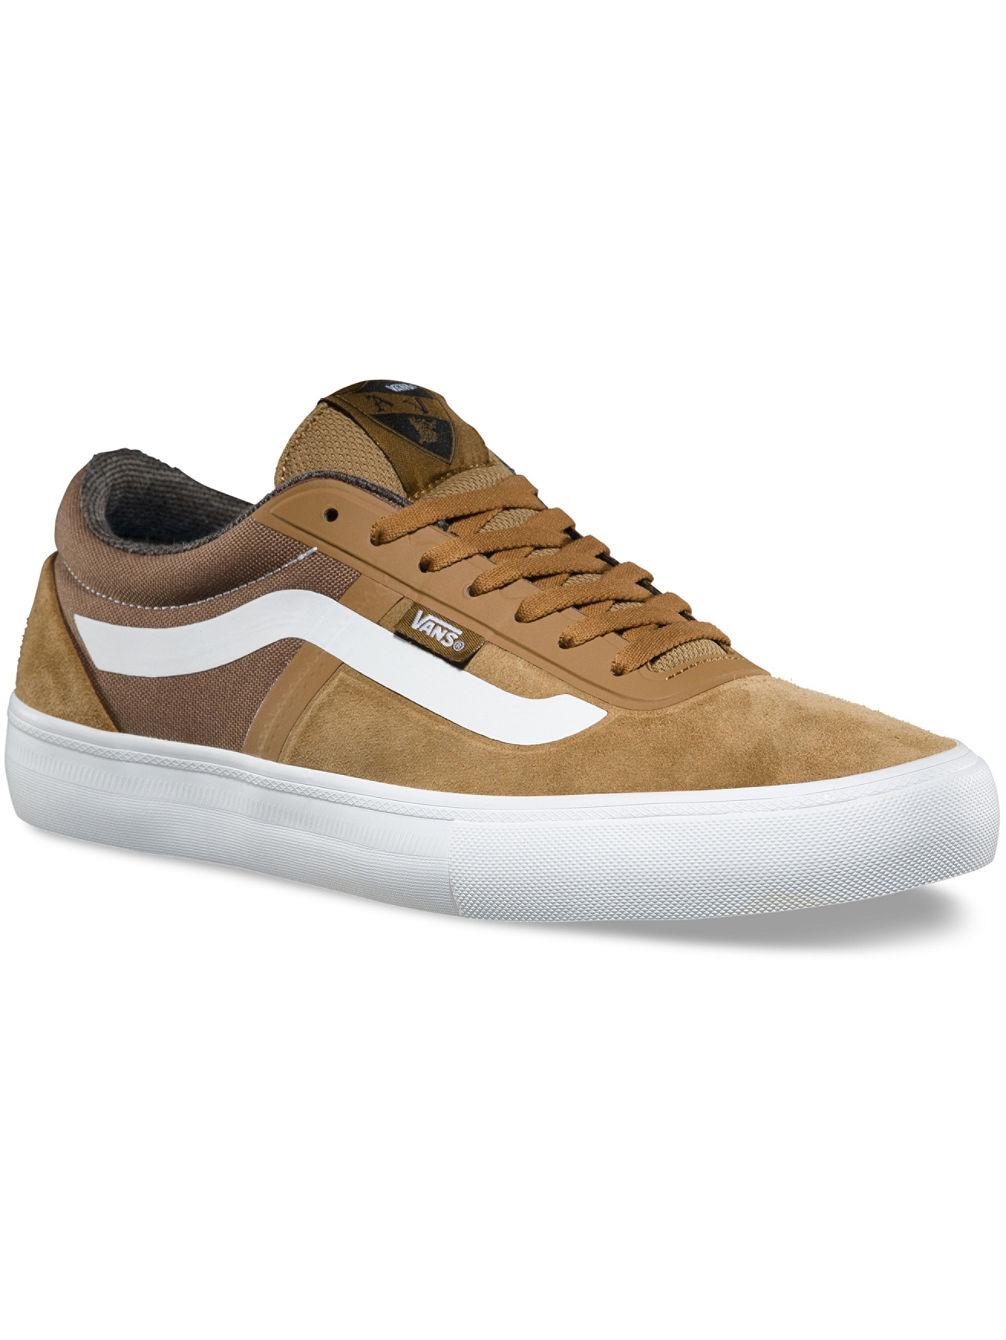 lepszy najlepszy wybór klasyczne dopasowanie Av Rapidweld Pro Skate Shoes